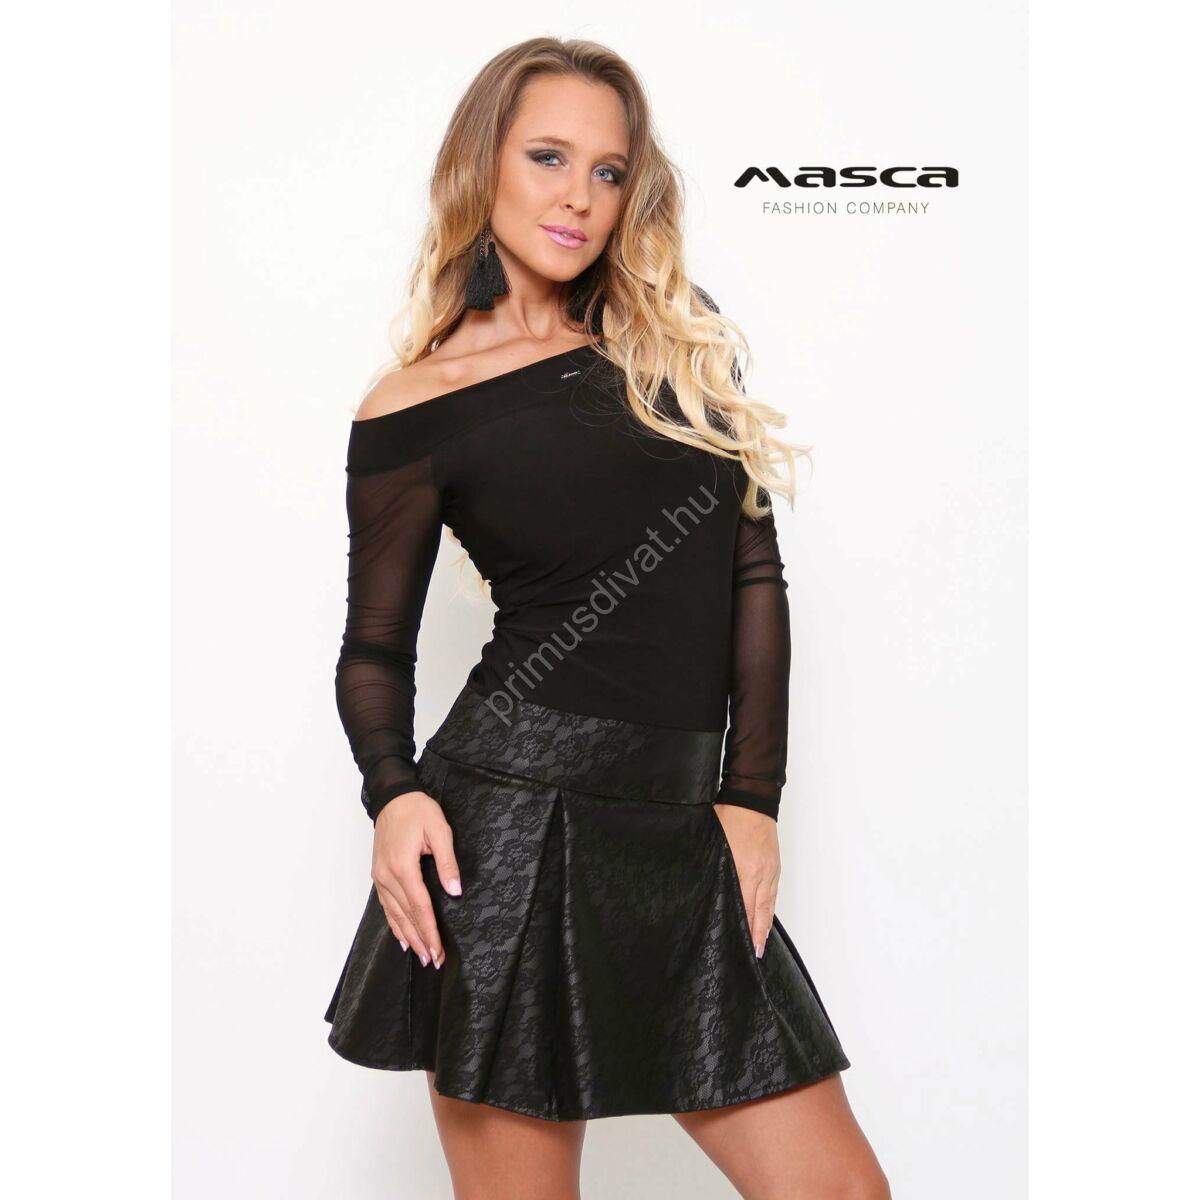 618b697824 Kép 1/1 - Masca Fashion csipkemintás műbőr loknis aljú, elasztikus muszlin hosszú  ujjú vállra húzós fekete alkalmi miniruha